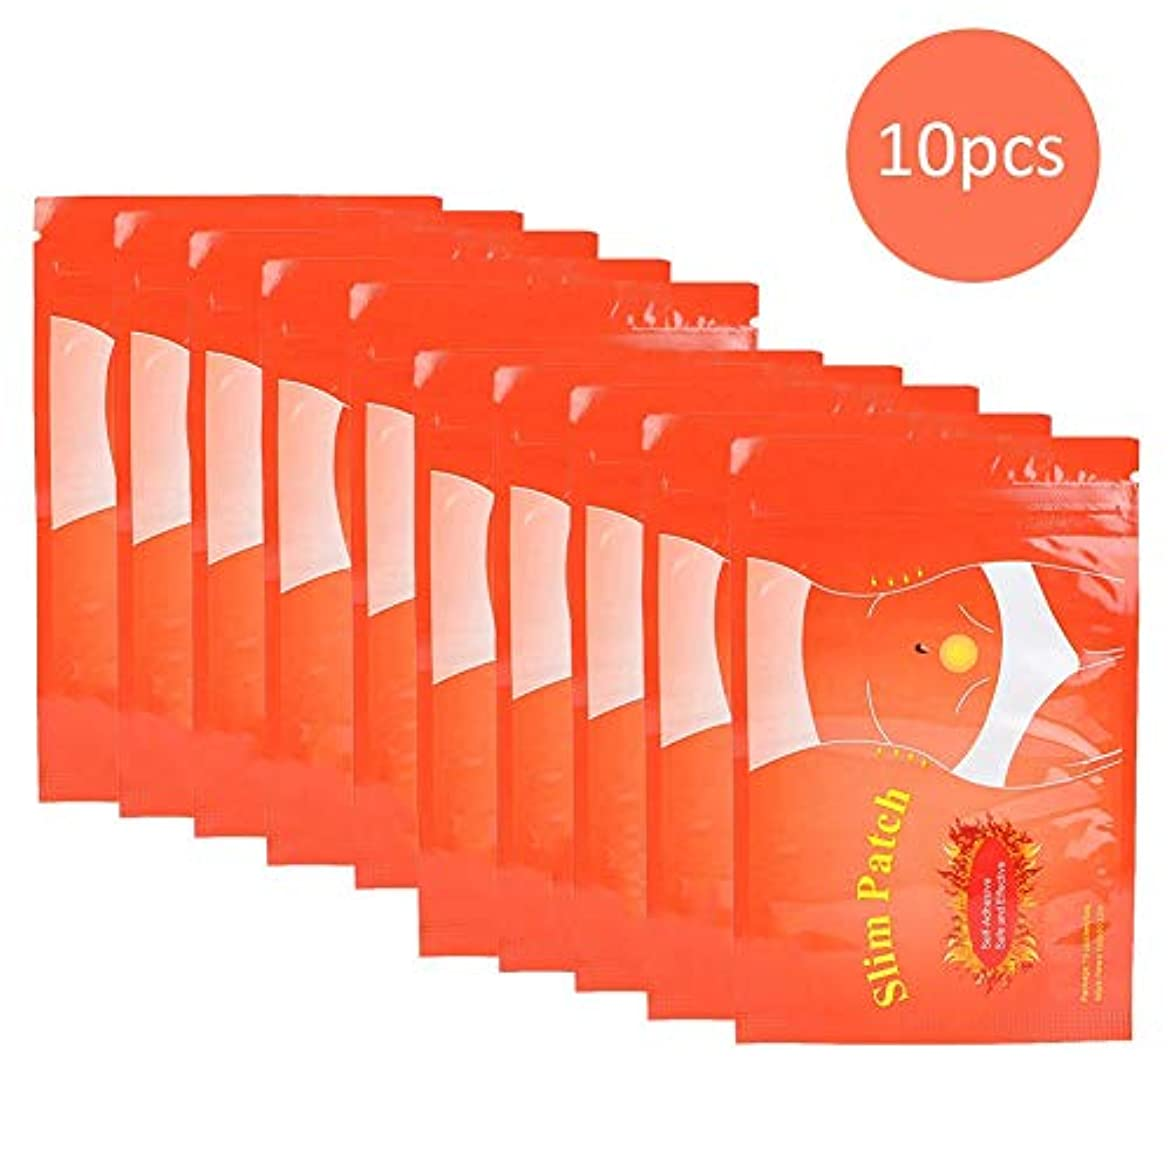 許されるインチラジウムNitrip ダイエットシール ダイエットパッチ 10pcs スリミングボディーパッチ 脂肪燃焼 男女兼用 無毒 安全